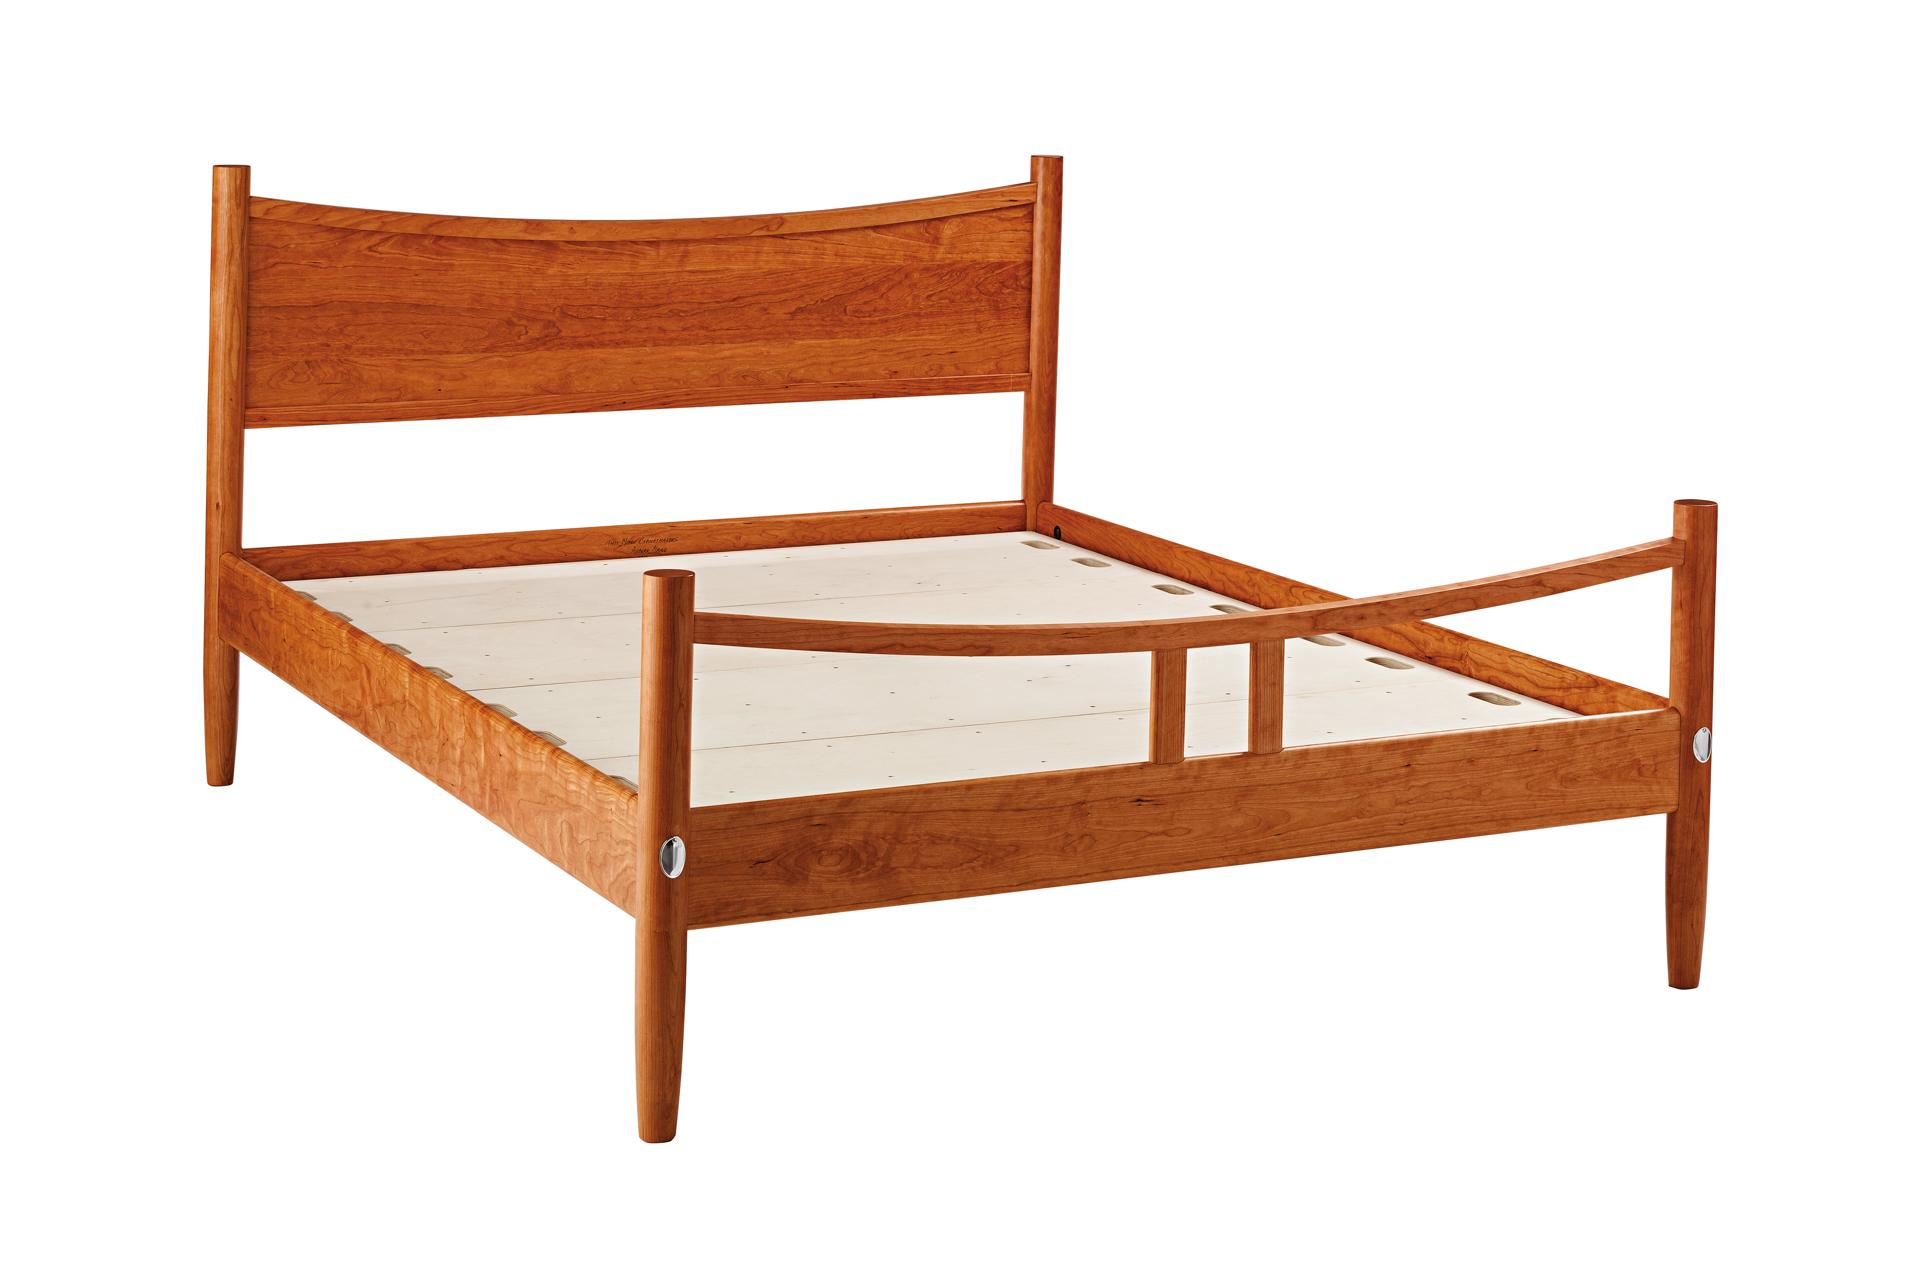 Ellipse Platform Bed - Thos. Moser